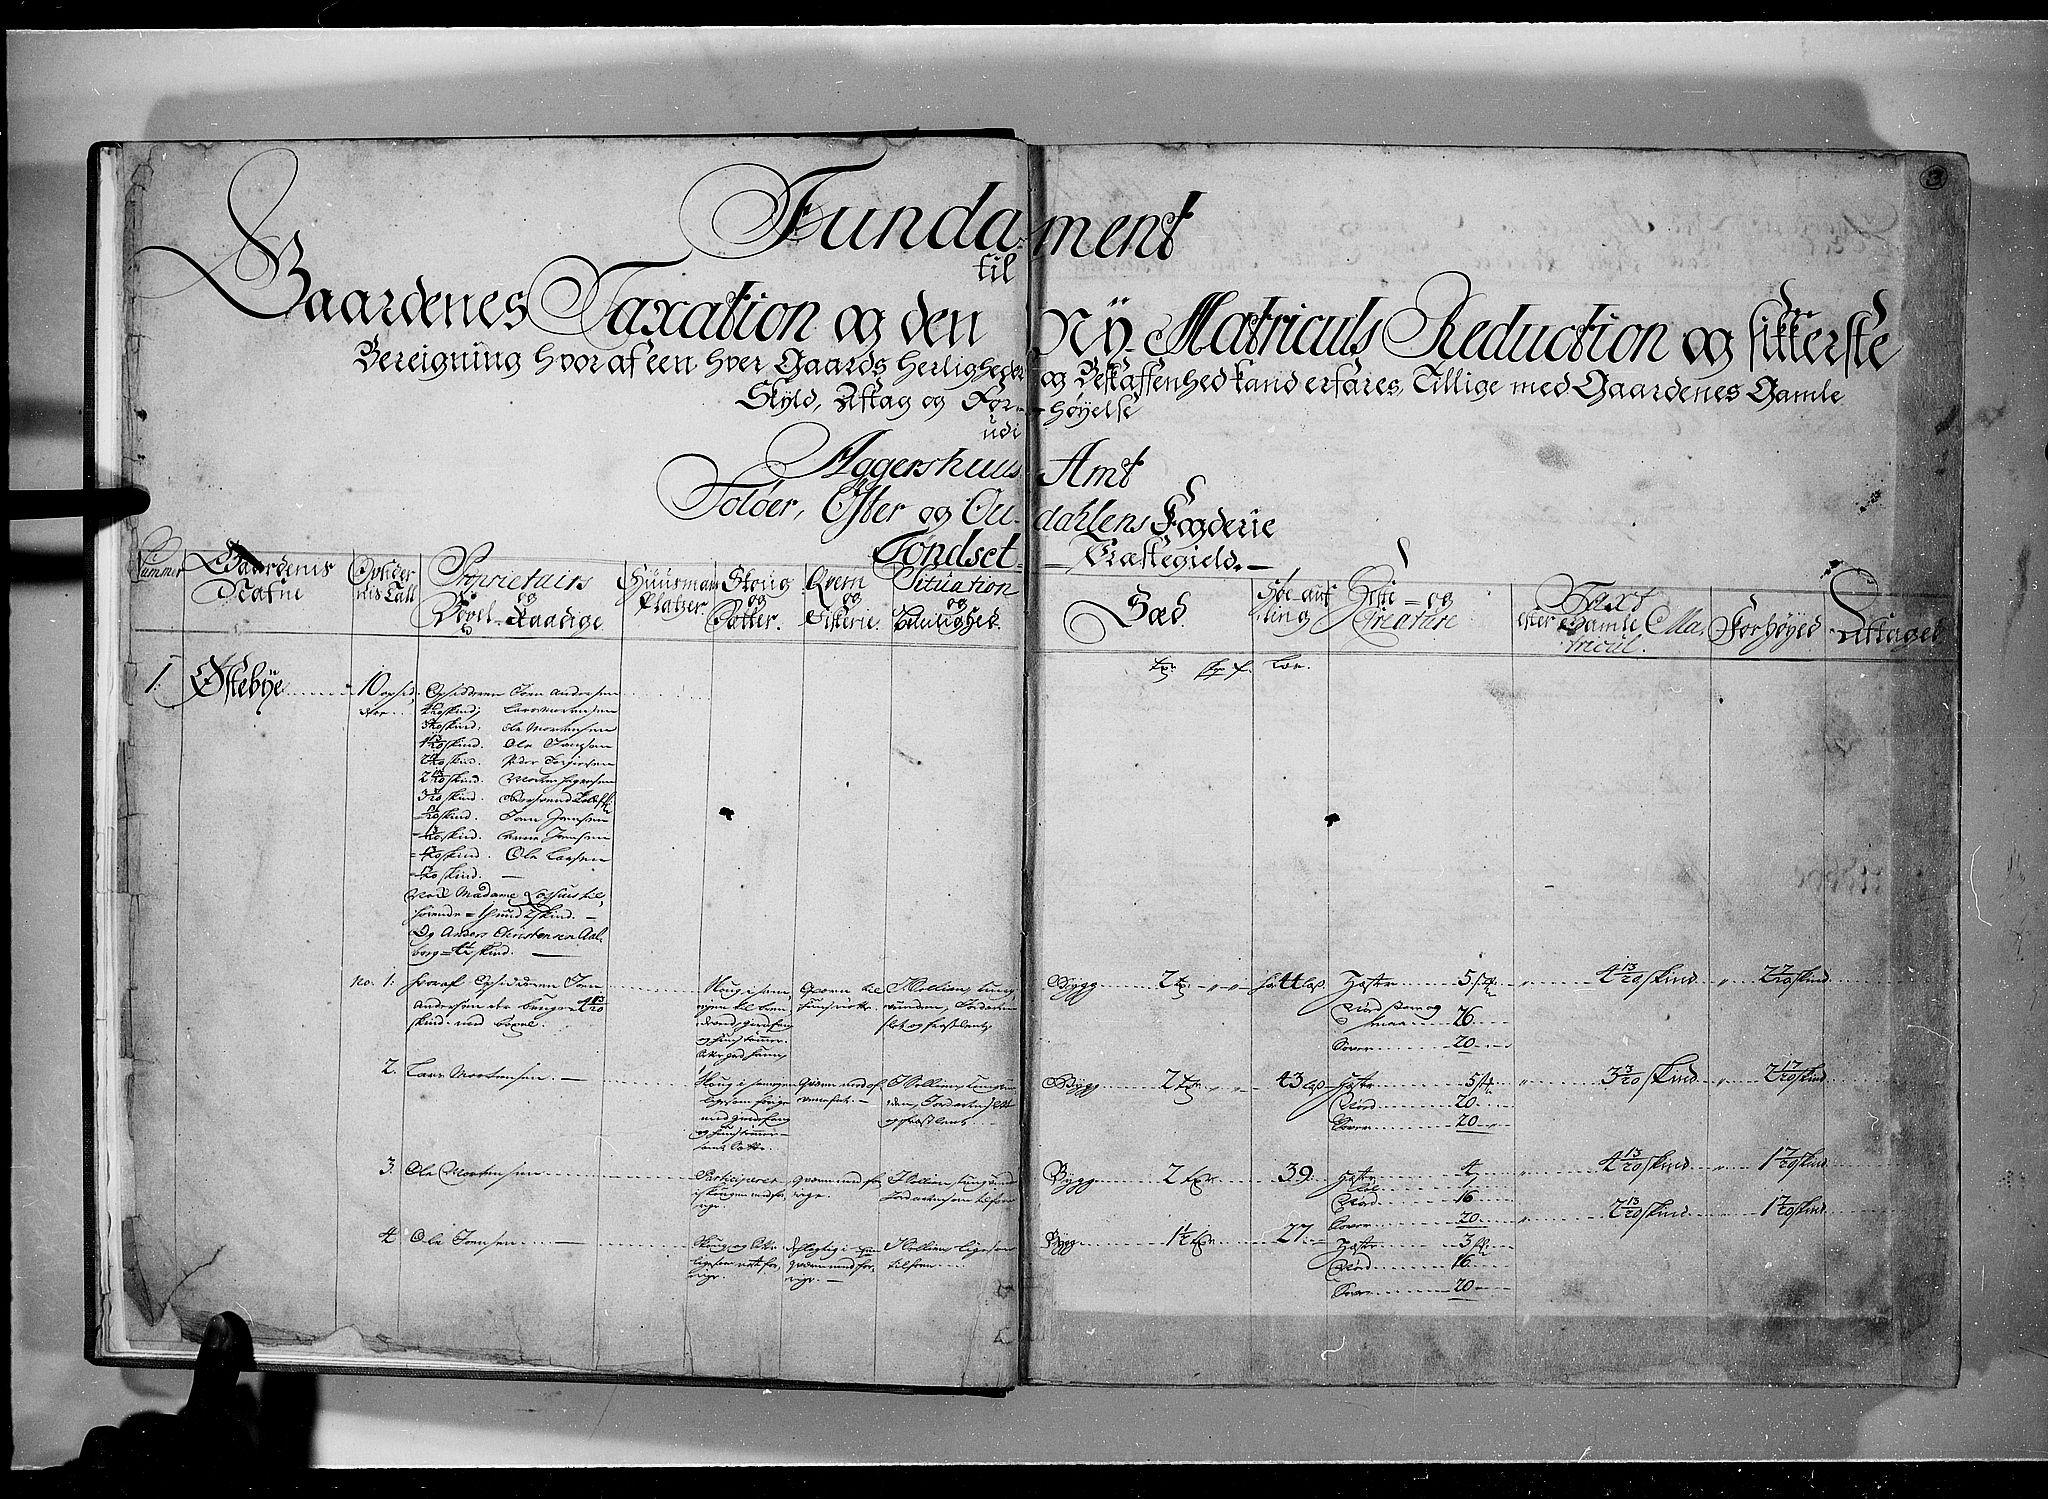 RA, Rentekammeret inntil 1814, Realistisk ordnet avdeling, N/Nb/Nbf/L0101: Solør, Østerdalen og Odal eksaminasjonsprotokoll, 1723, s. 2b-3a